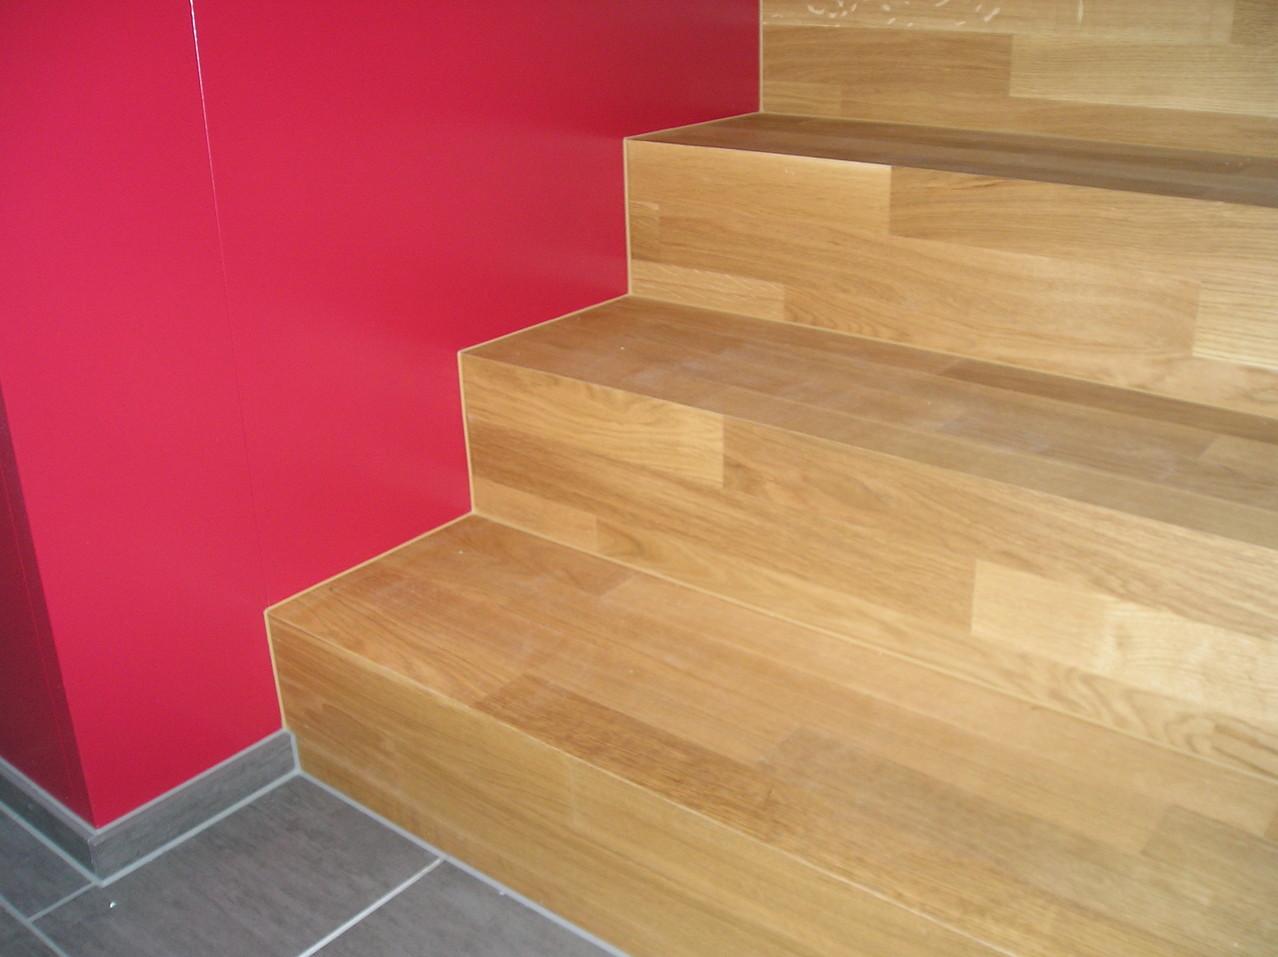 Treppe mit Parkett belegt, Trittkante auf Gehrung, Eiche versiegelt